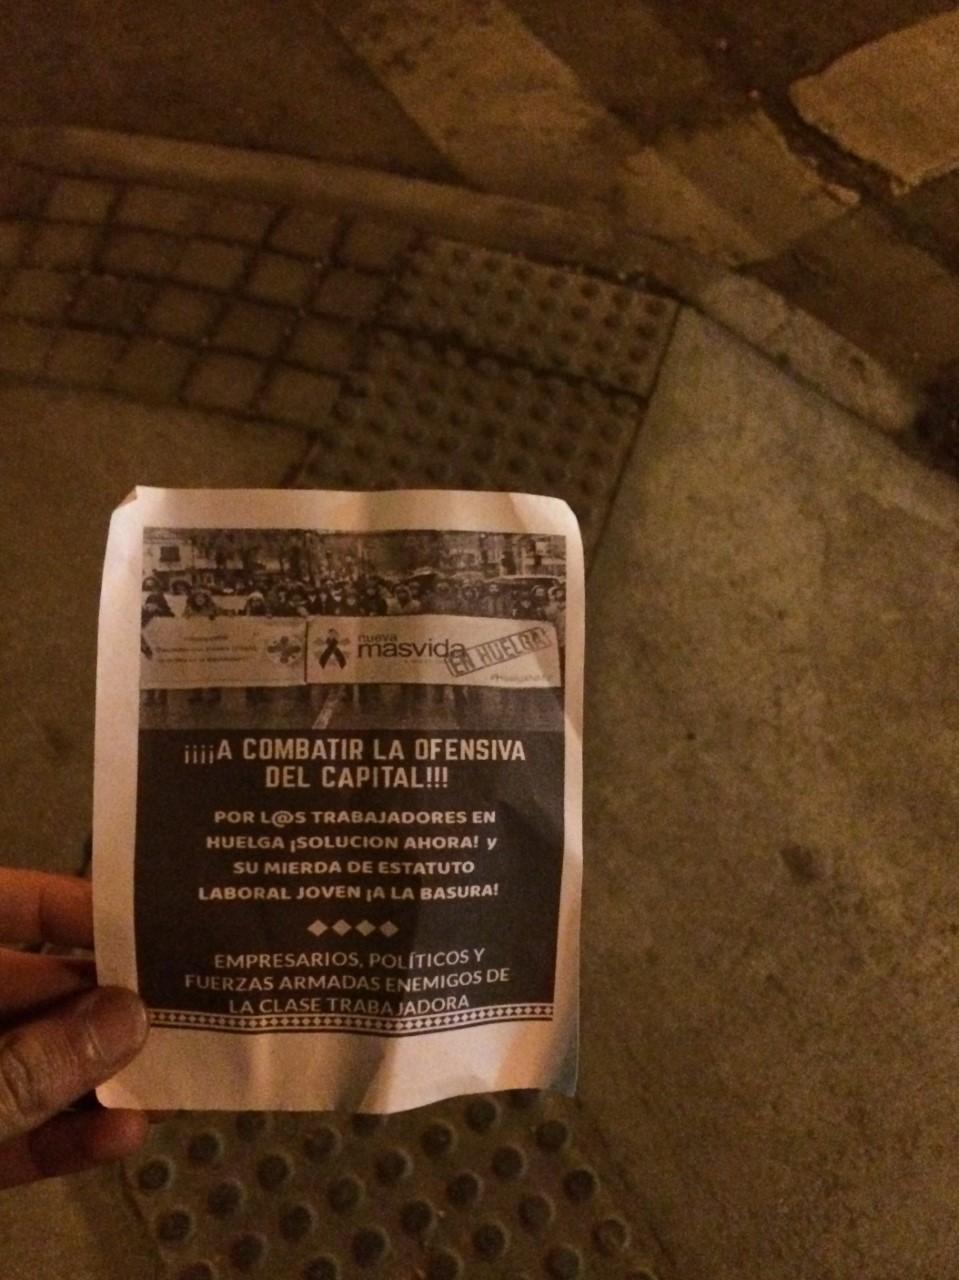 MARTILLAZOS DE TP Y MJL A LAS OFICINAS DE ISAPRE N. MAS VIDA EN CONCEPCIÓN.